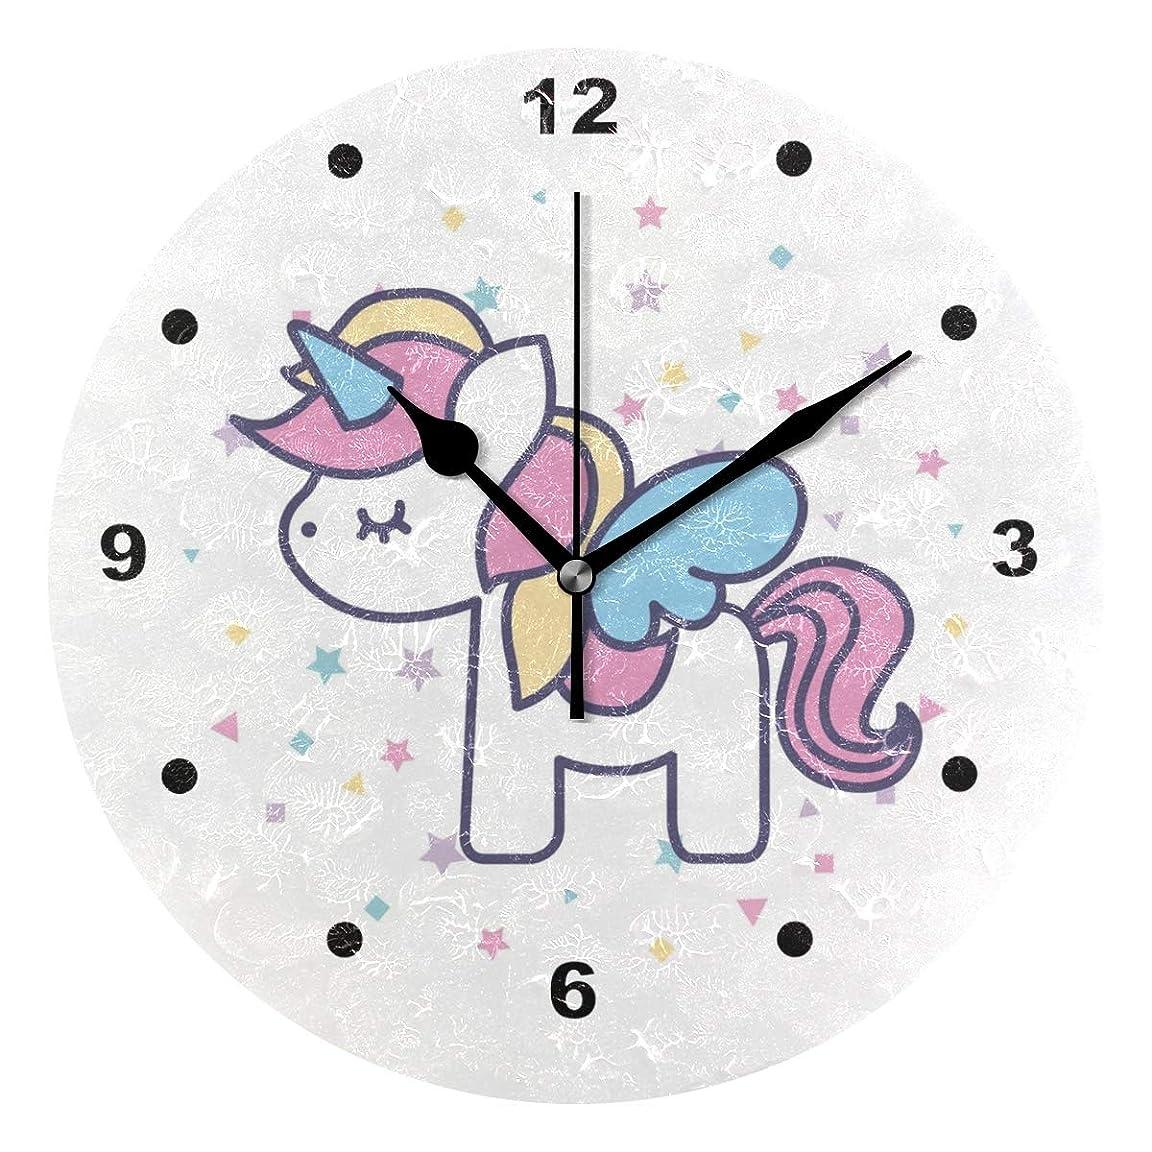 サンダル申込みマトロン壁掛け時計 おしゃれ 連続秒針 置き時計 見やすい 静音 サイレント 電池式 シンプル モダン プリンセス ユニコーン 城 ピンク モダン インテリア かけとけい ウォールクロック 置掛両用 人気 掛け時計 可愛い かわいい (color6)